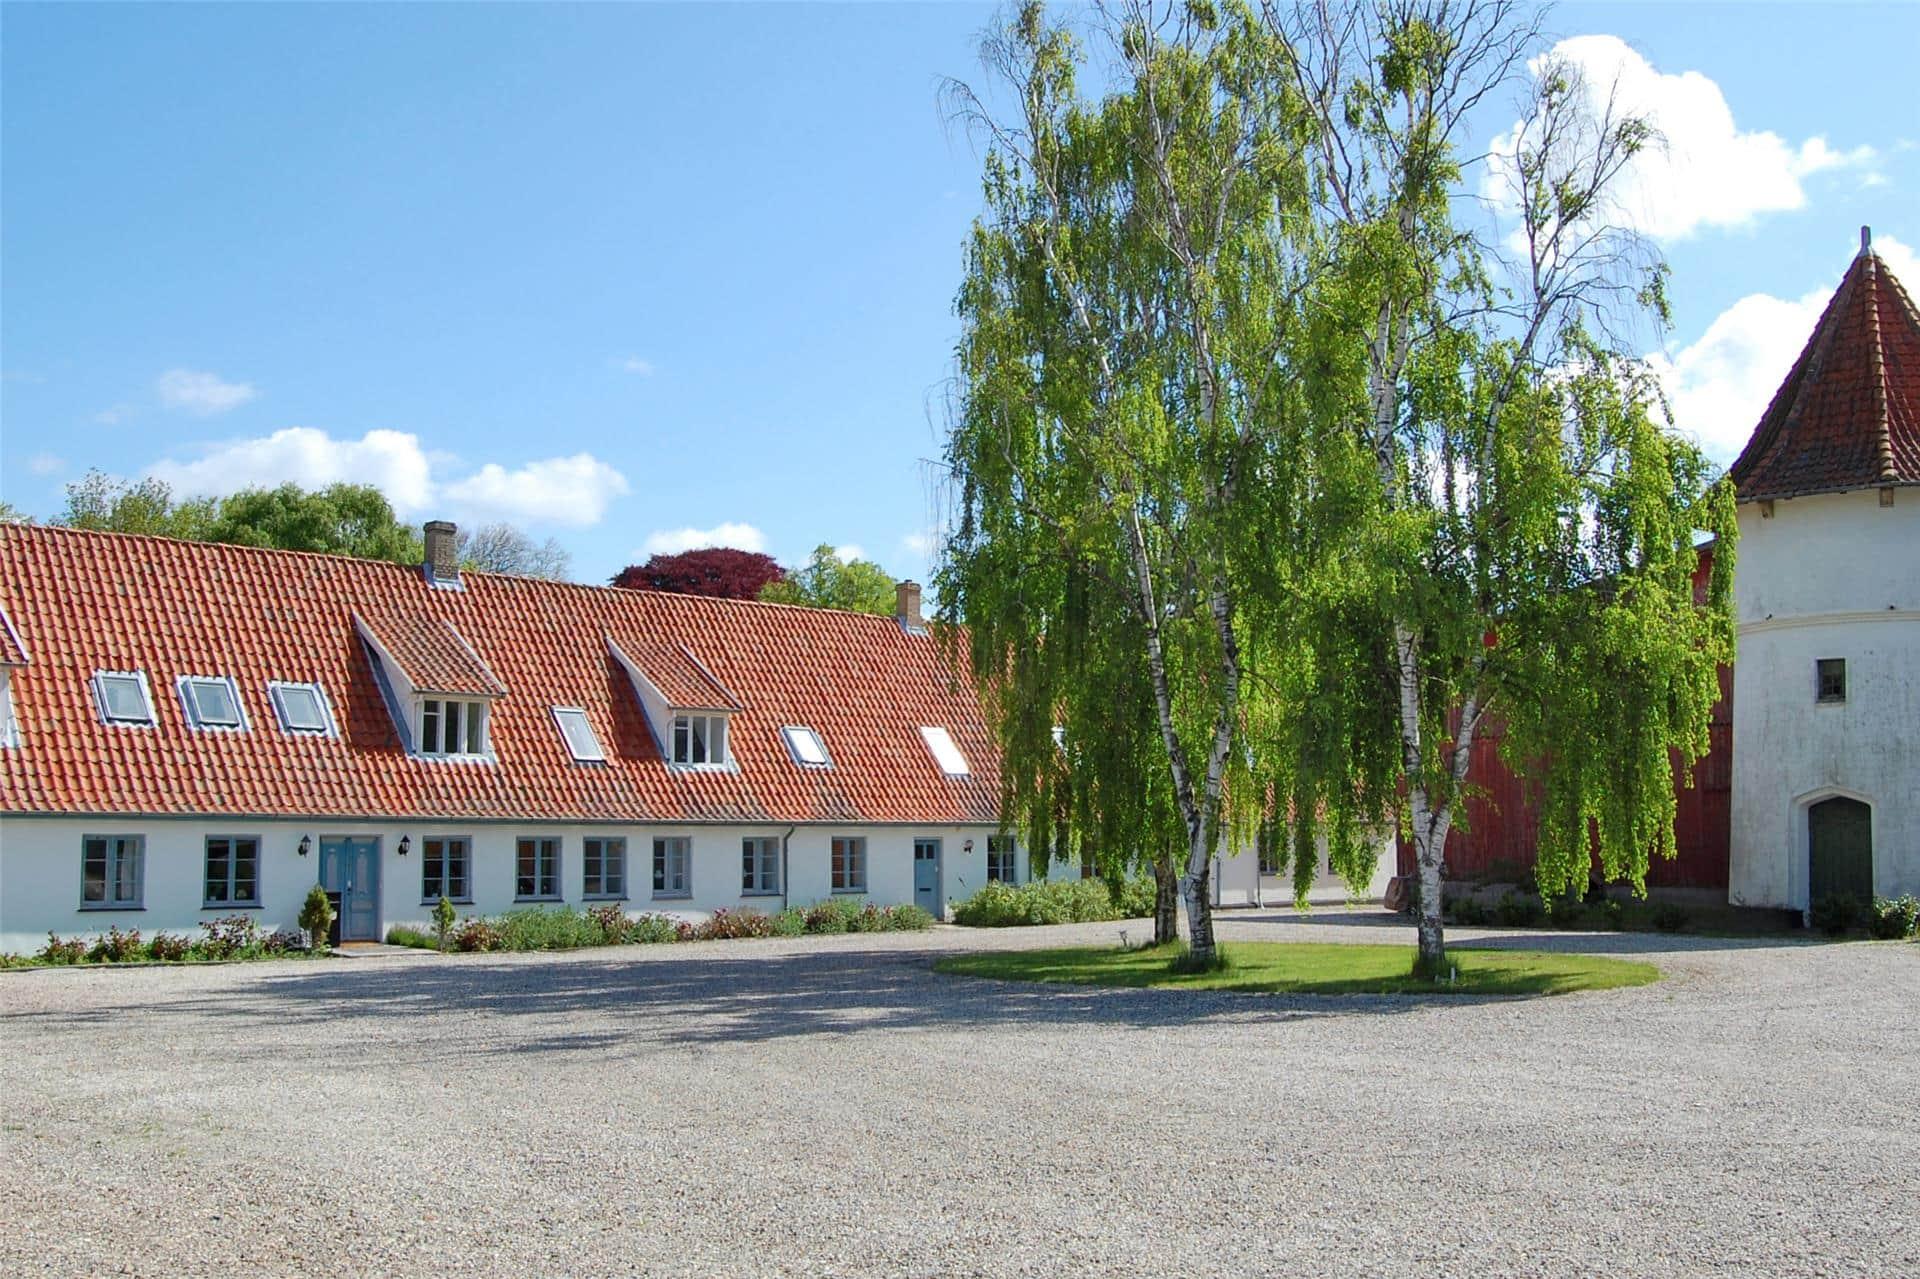 Billede 1-3 Sommerhus M67383, Slotsgade 78, DK - 5953 Tranekær